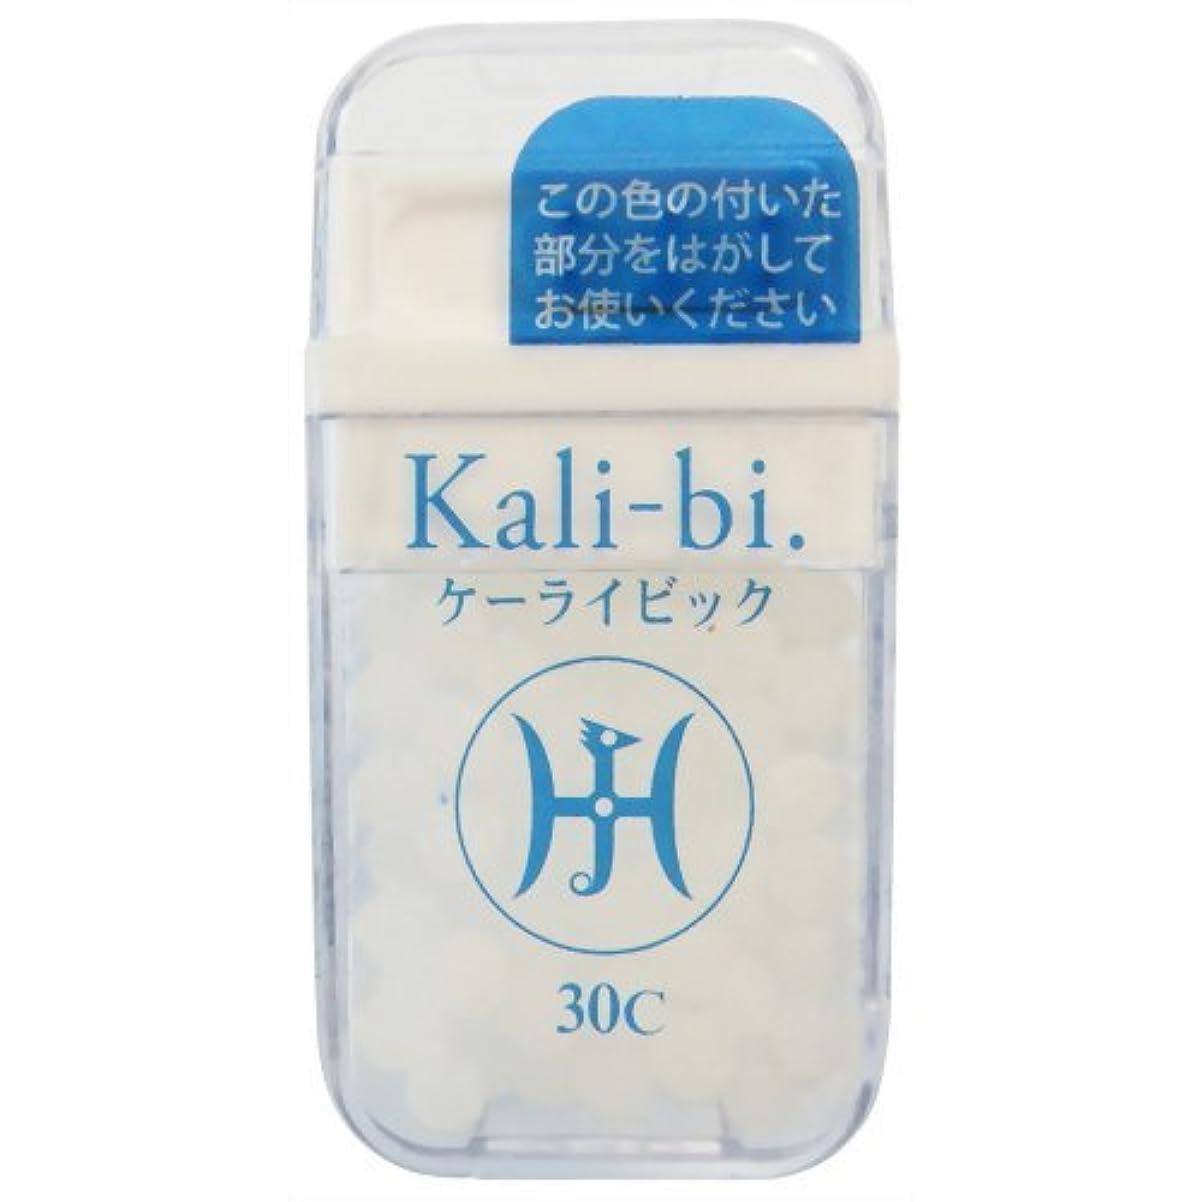 交通渋滞そのような超えてホメオパシージャパンレメディー Kali-bi.  ケーライビック 30C (大ビン)